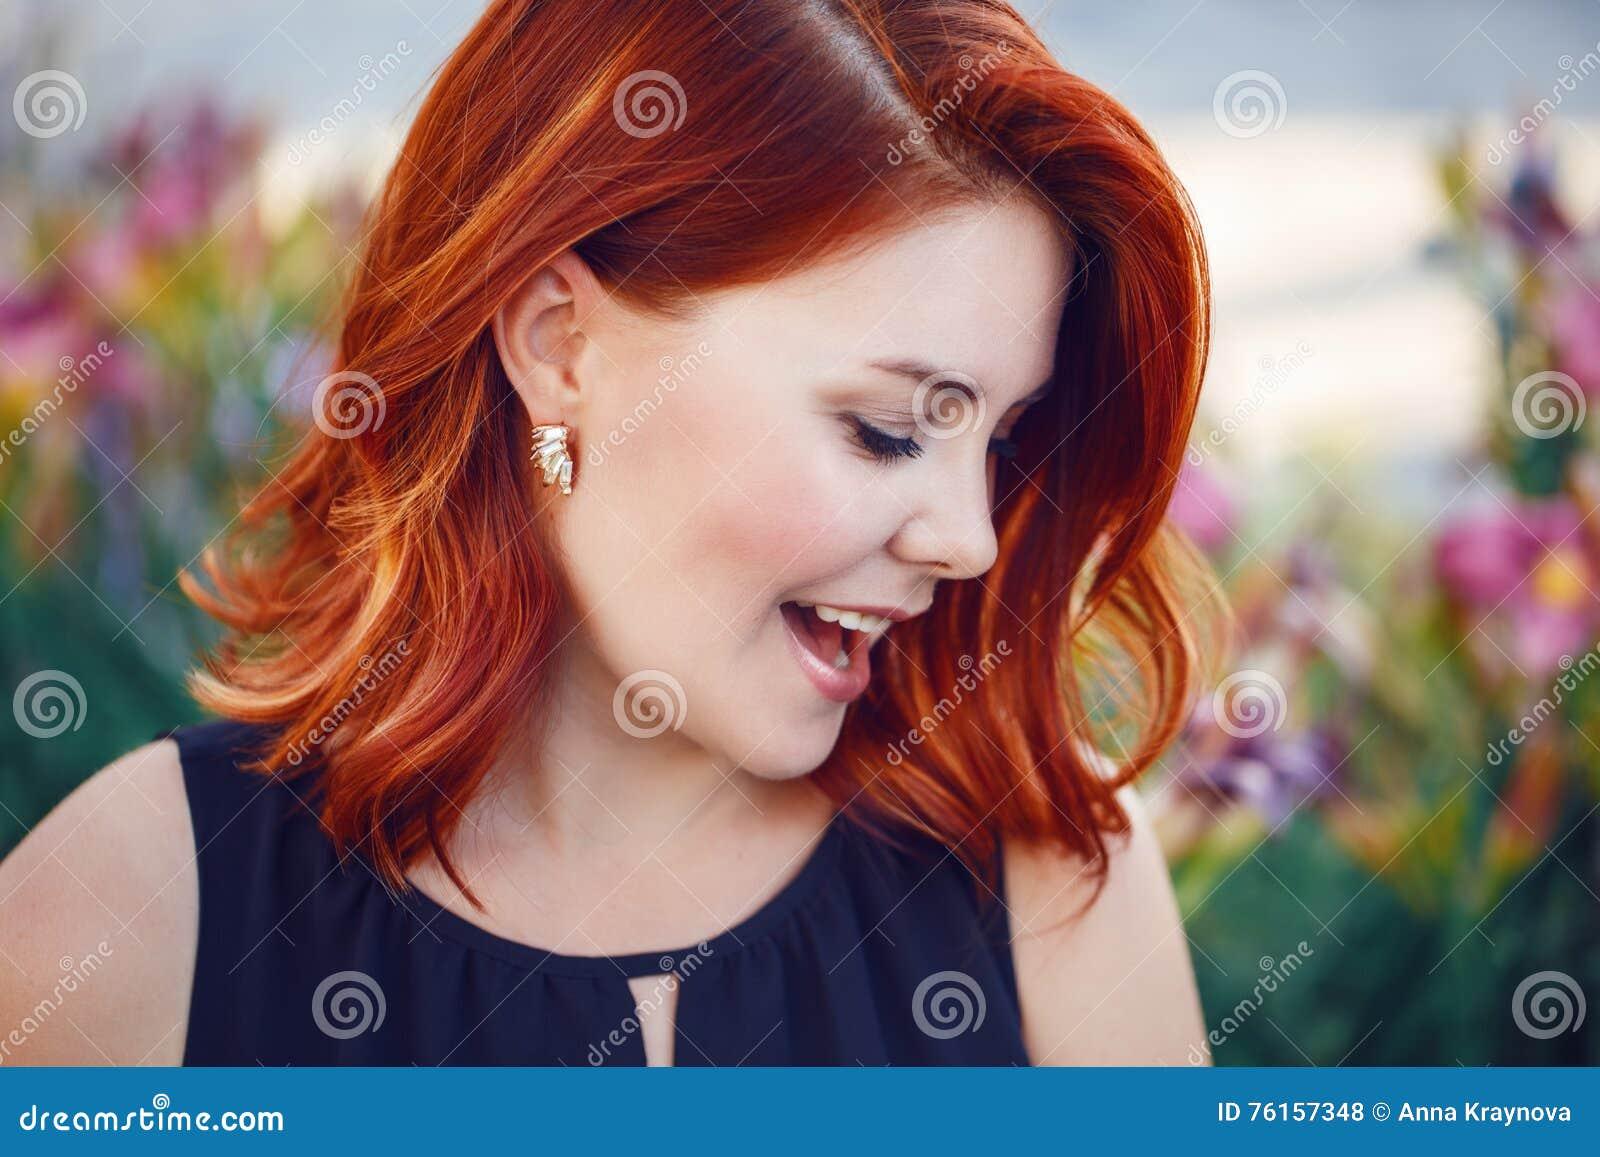 Closeupstående av att le den skratta flirty mitt åldrades vita caucasian kvinnan med vinkat lockigt rött hår i svart klänning